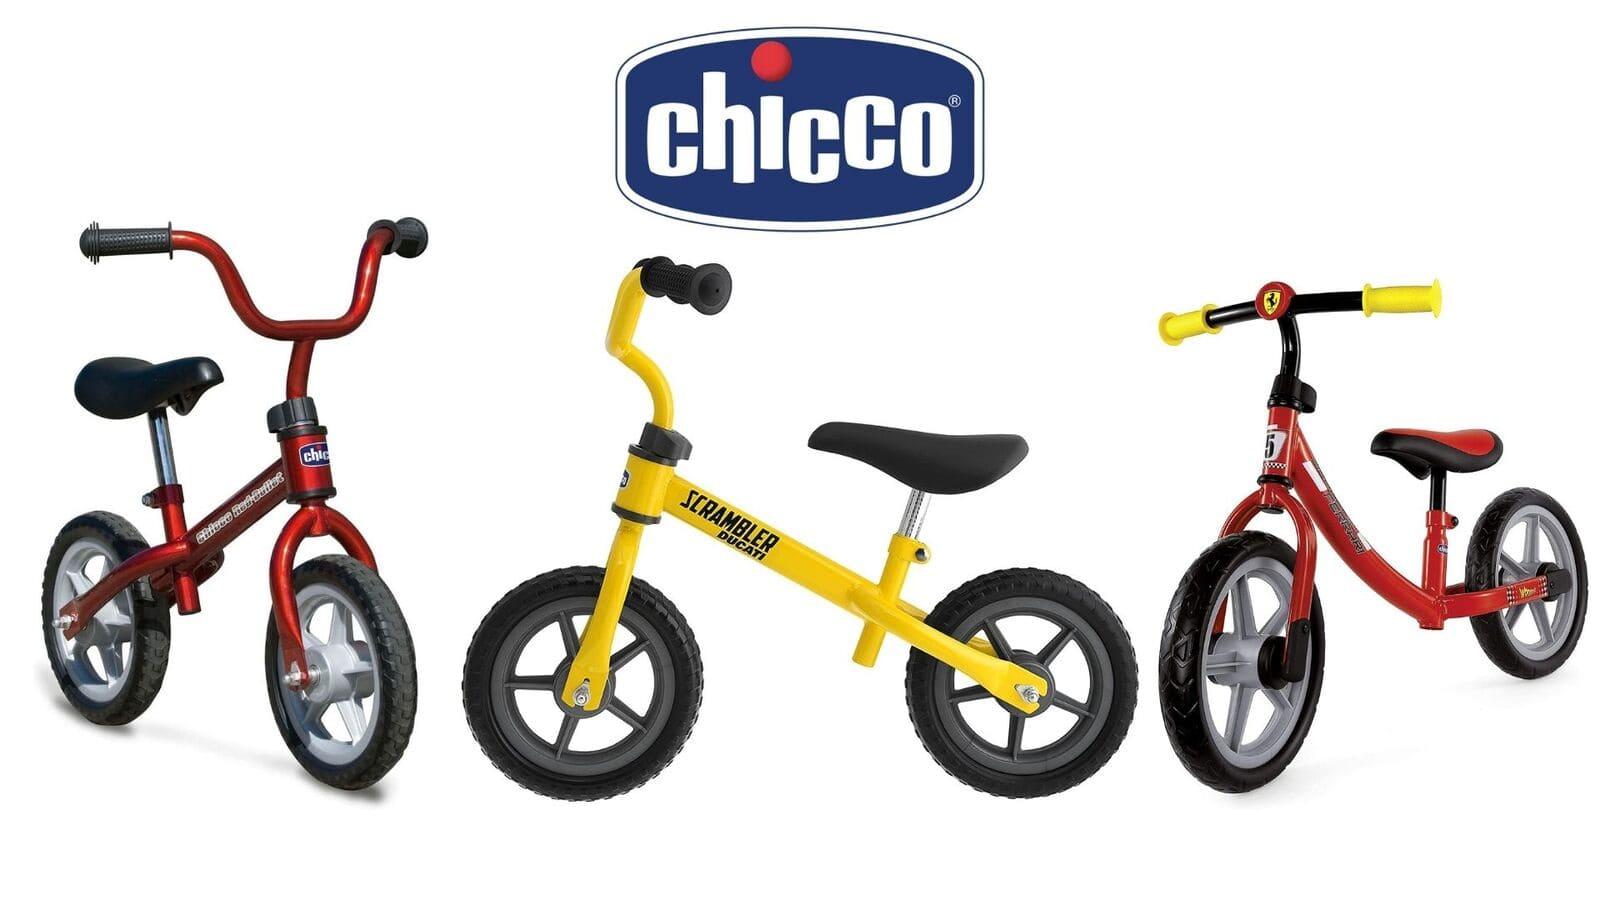 migliore-bici-senza-pedali-Chicco